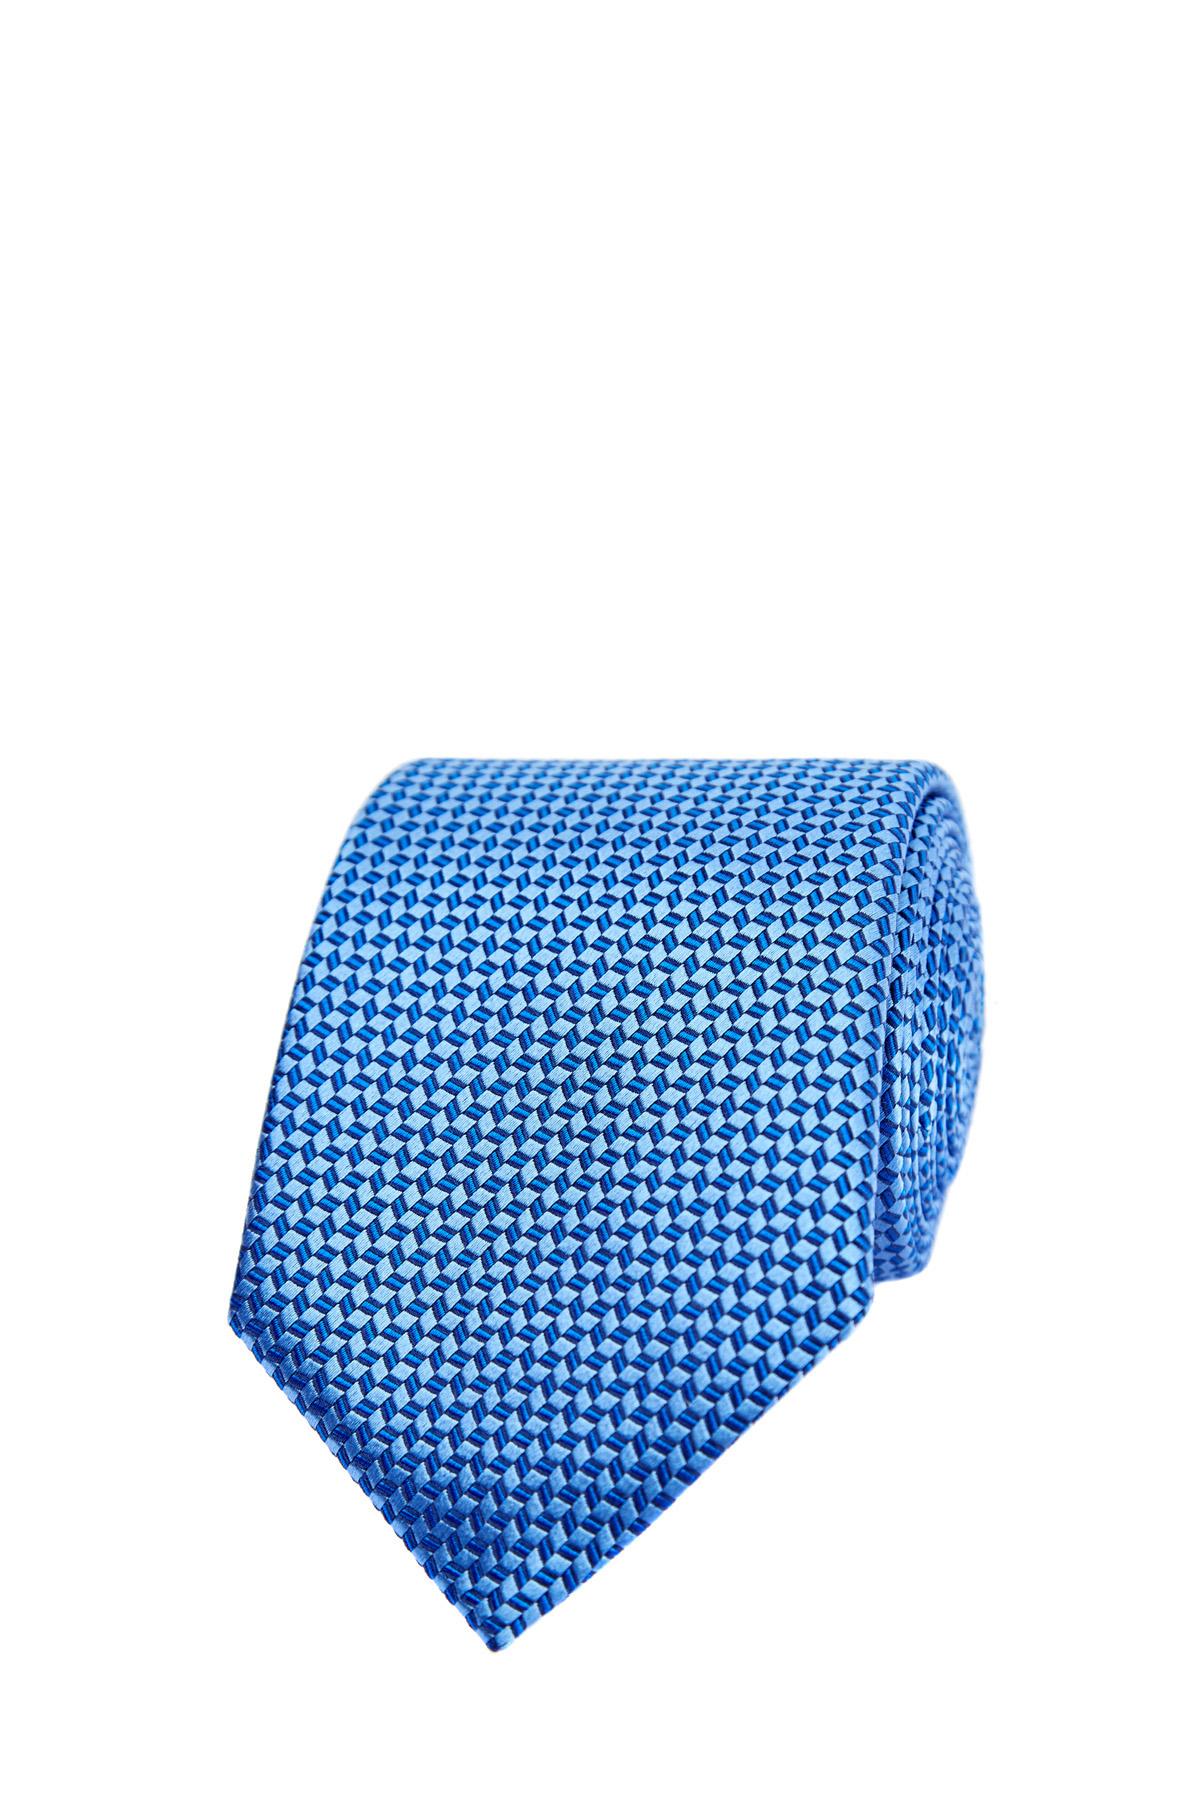 Купить со скидкой Галстук ручной работы из шелка с микро-принтом в голубой гамме